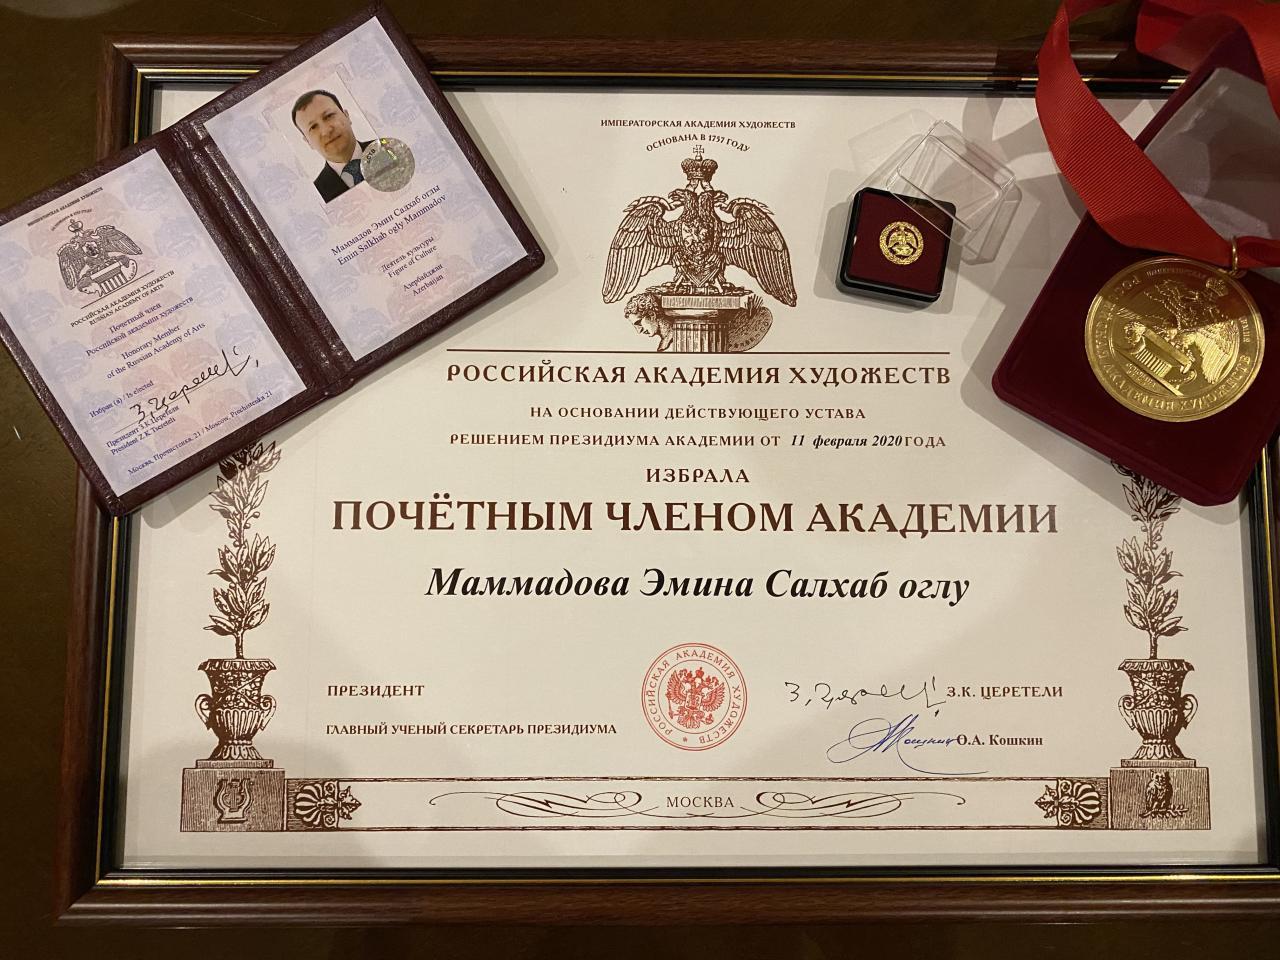 Эмин Мамедов стал Почетным членом Российской академии художеств